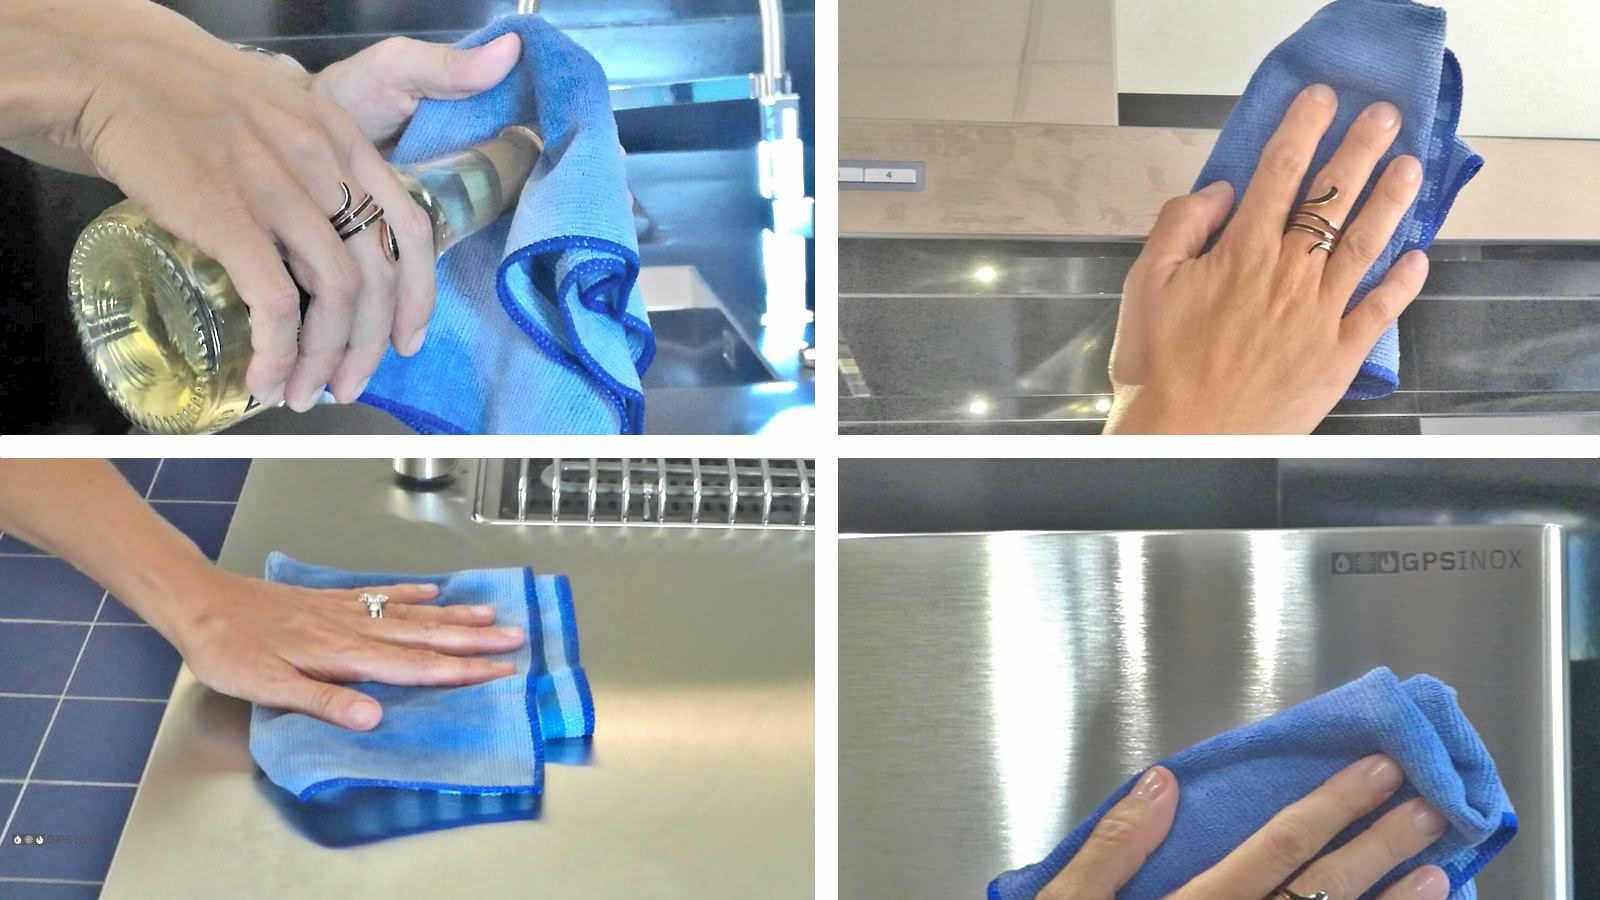 Cucina in acciaio inox: come pulirla bene in poco tempo